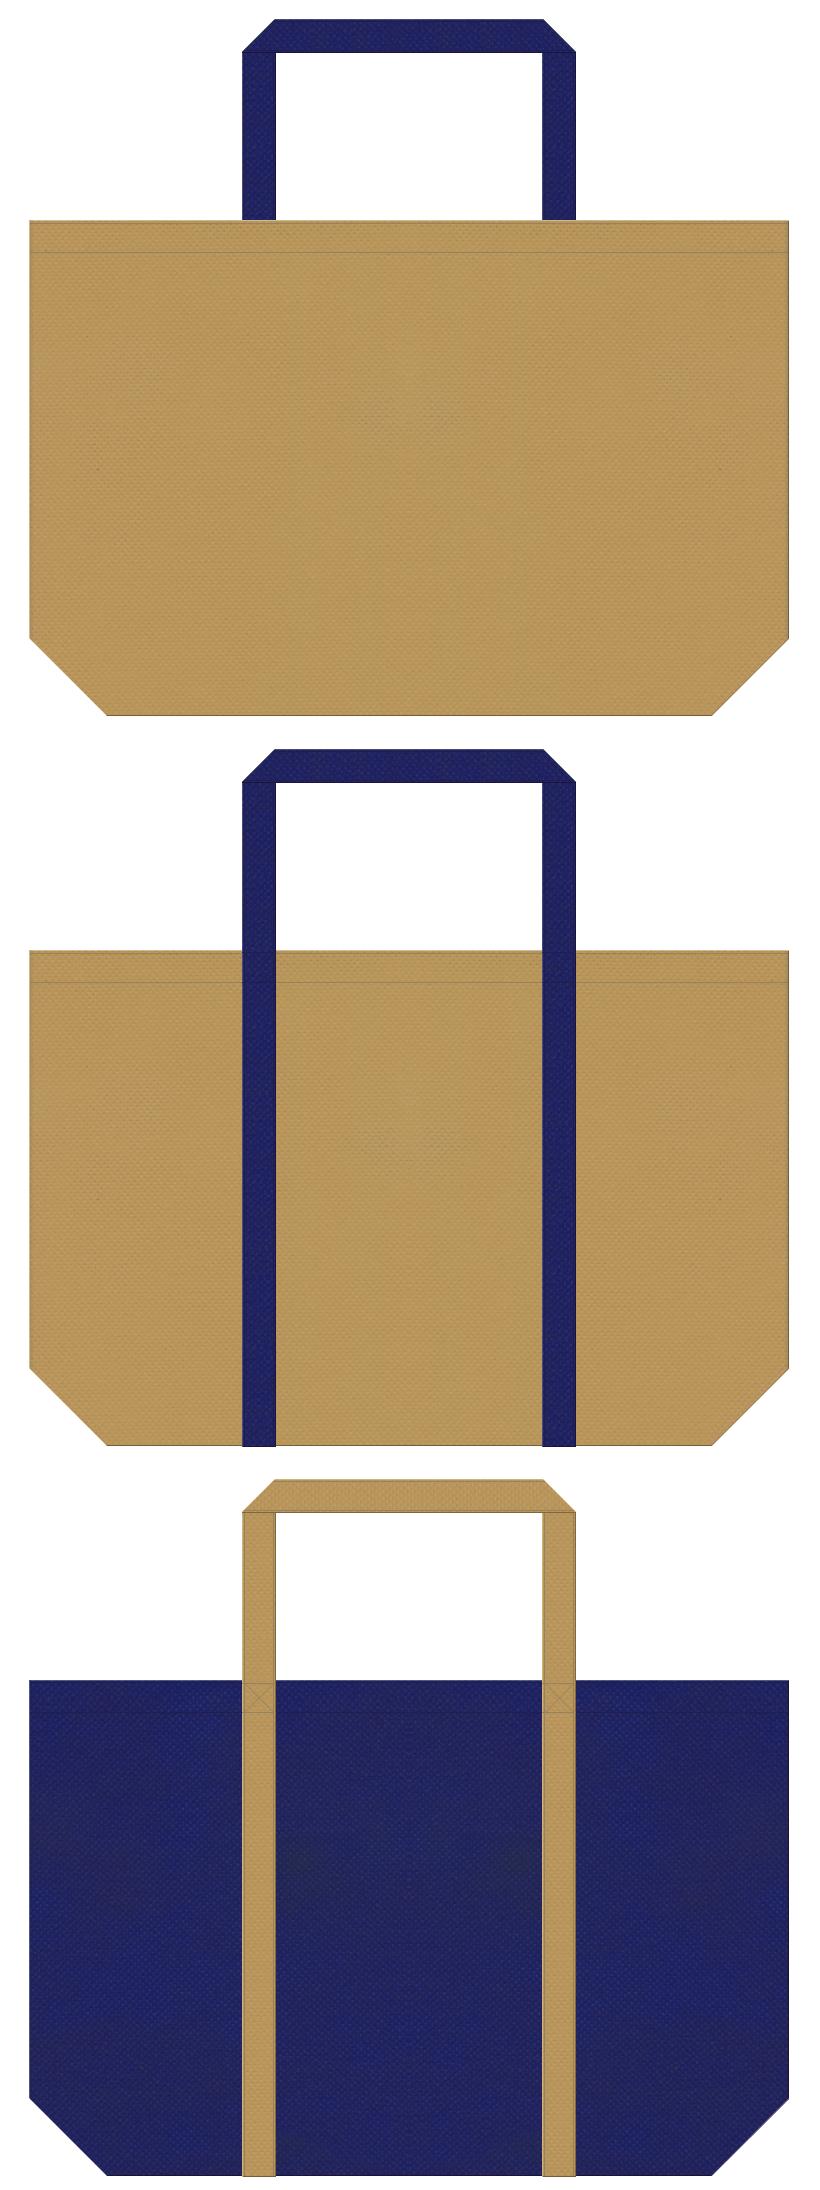 学校・オープンキャンパス・学習塾・レッスンバッグ・デニム・カジュアル・アウトレットのショッピングバッグにお奨めの不織布バッグデザイン:金黄土色と明るい紺色のコーデ